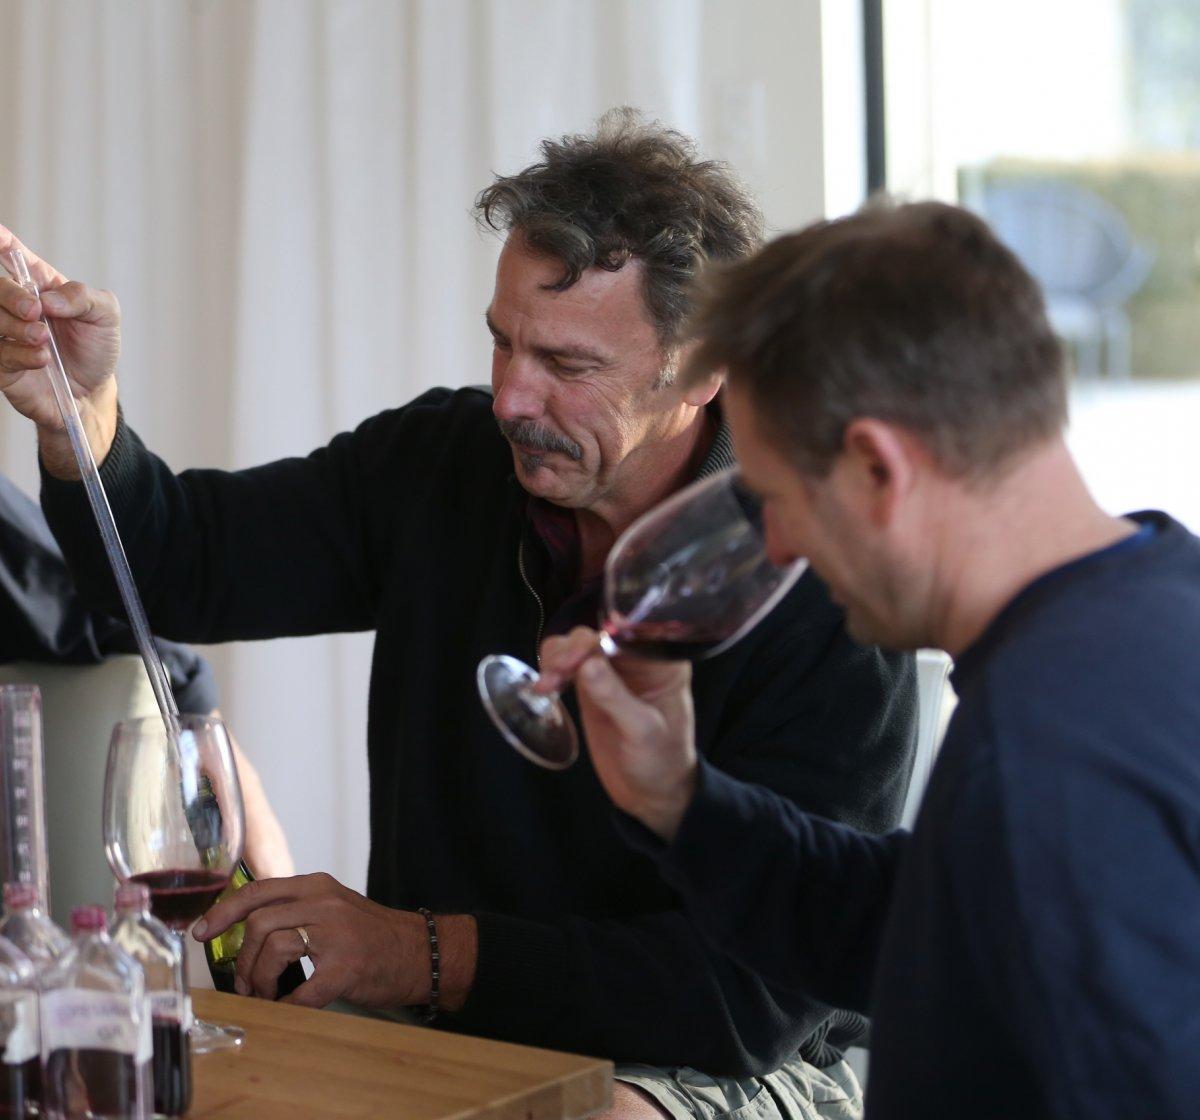 Winemakers wine tasting